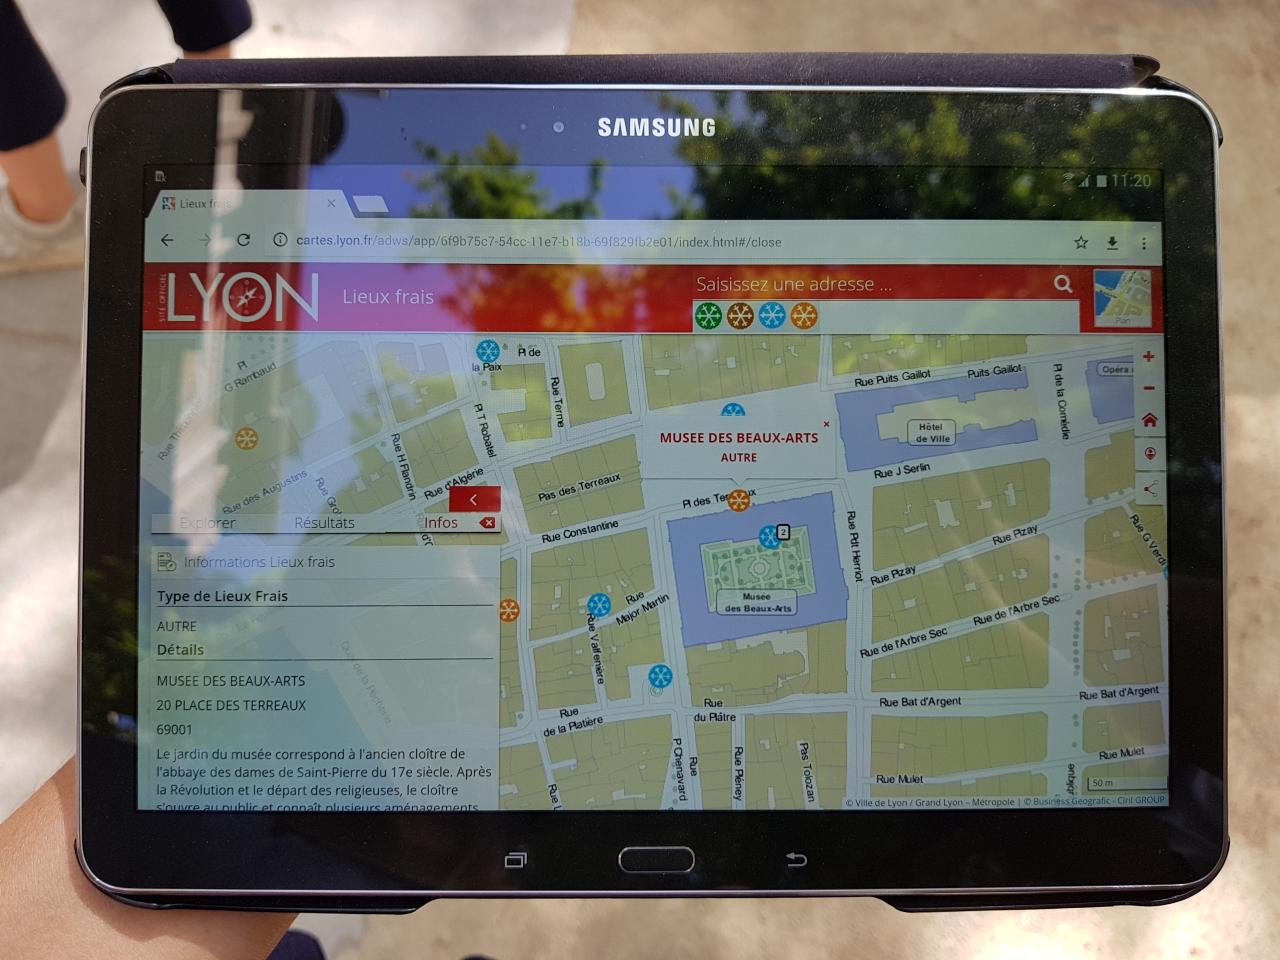 La cartographie des points frais sur le site internet de la Ville de Lyon - LyonMag